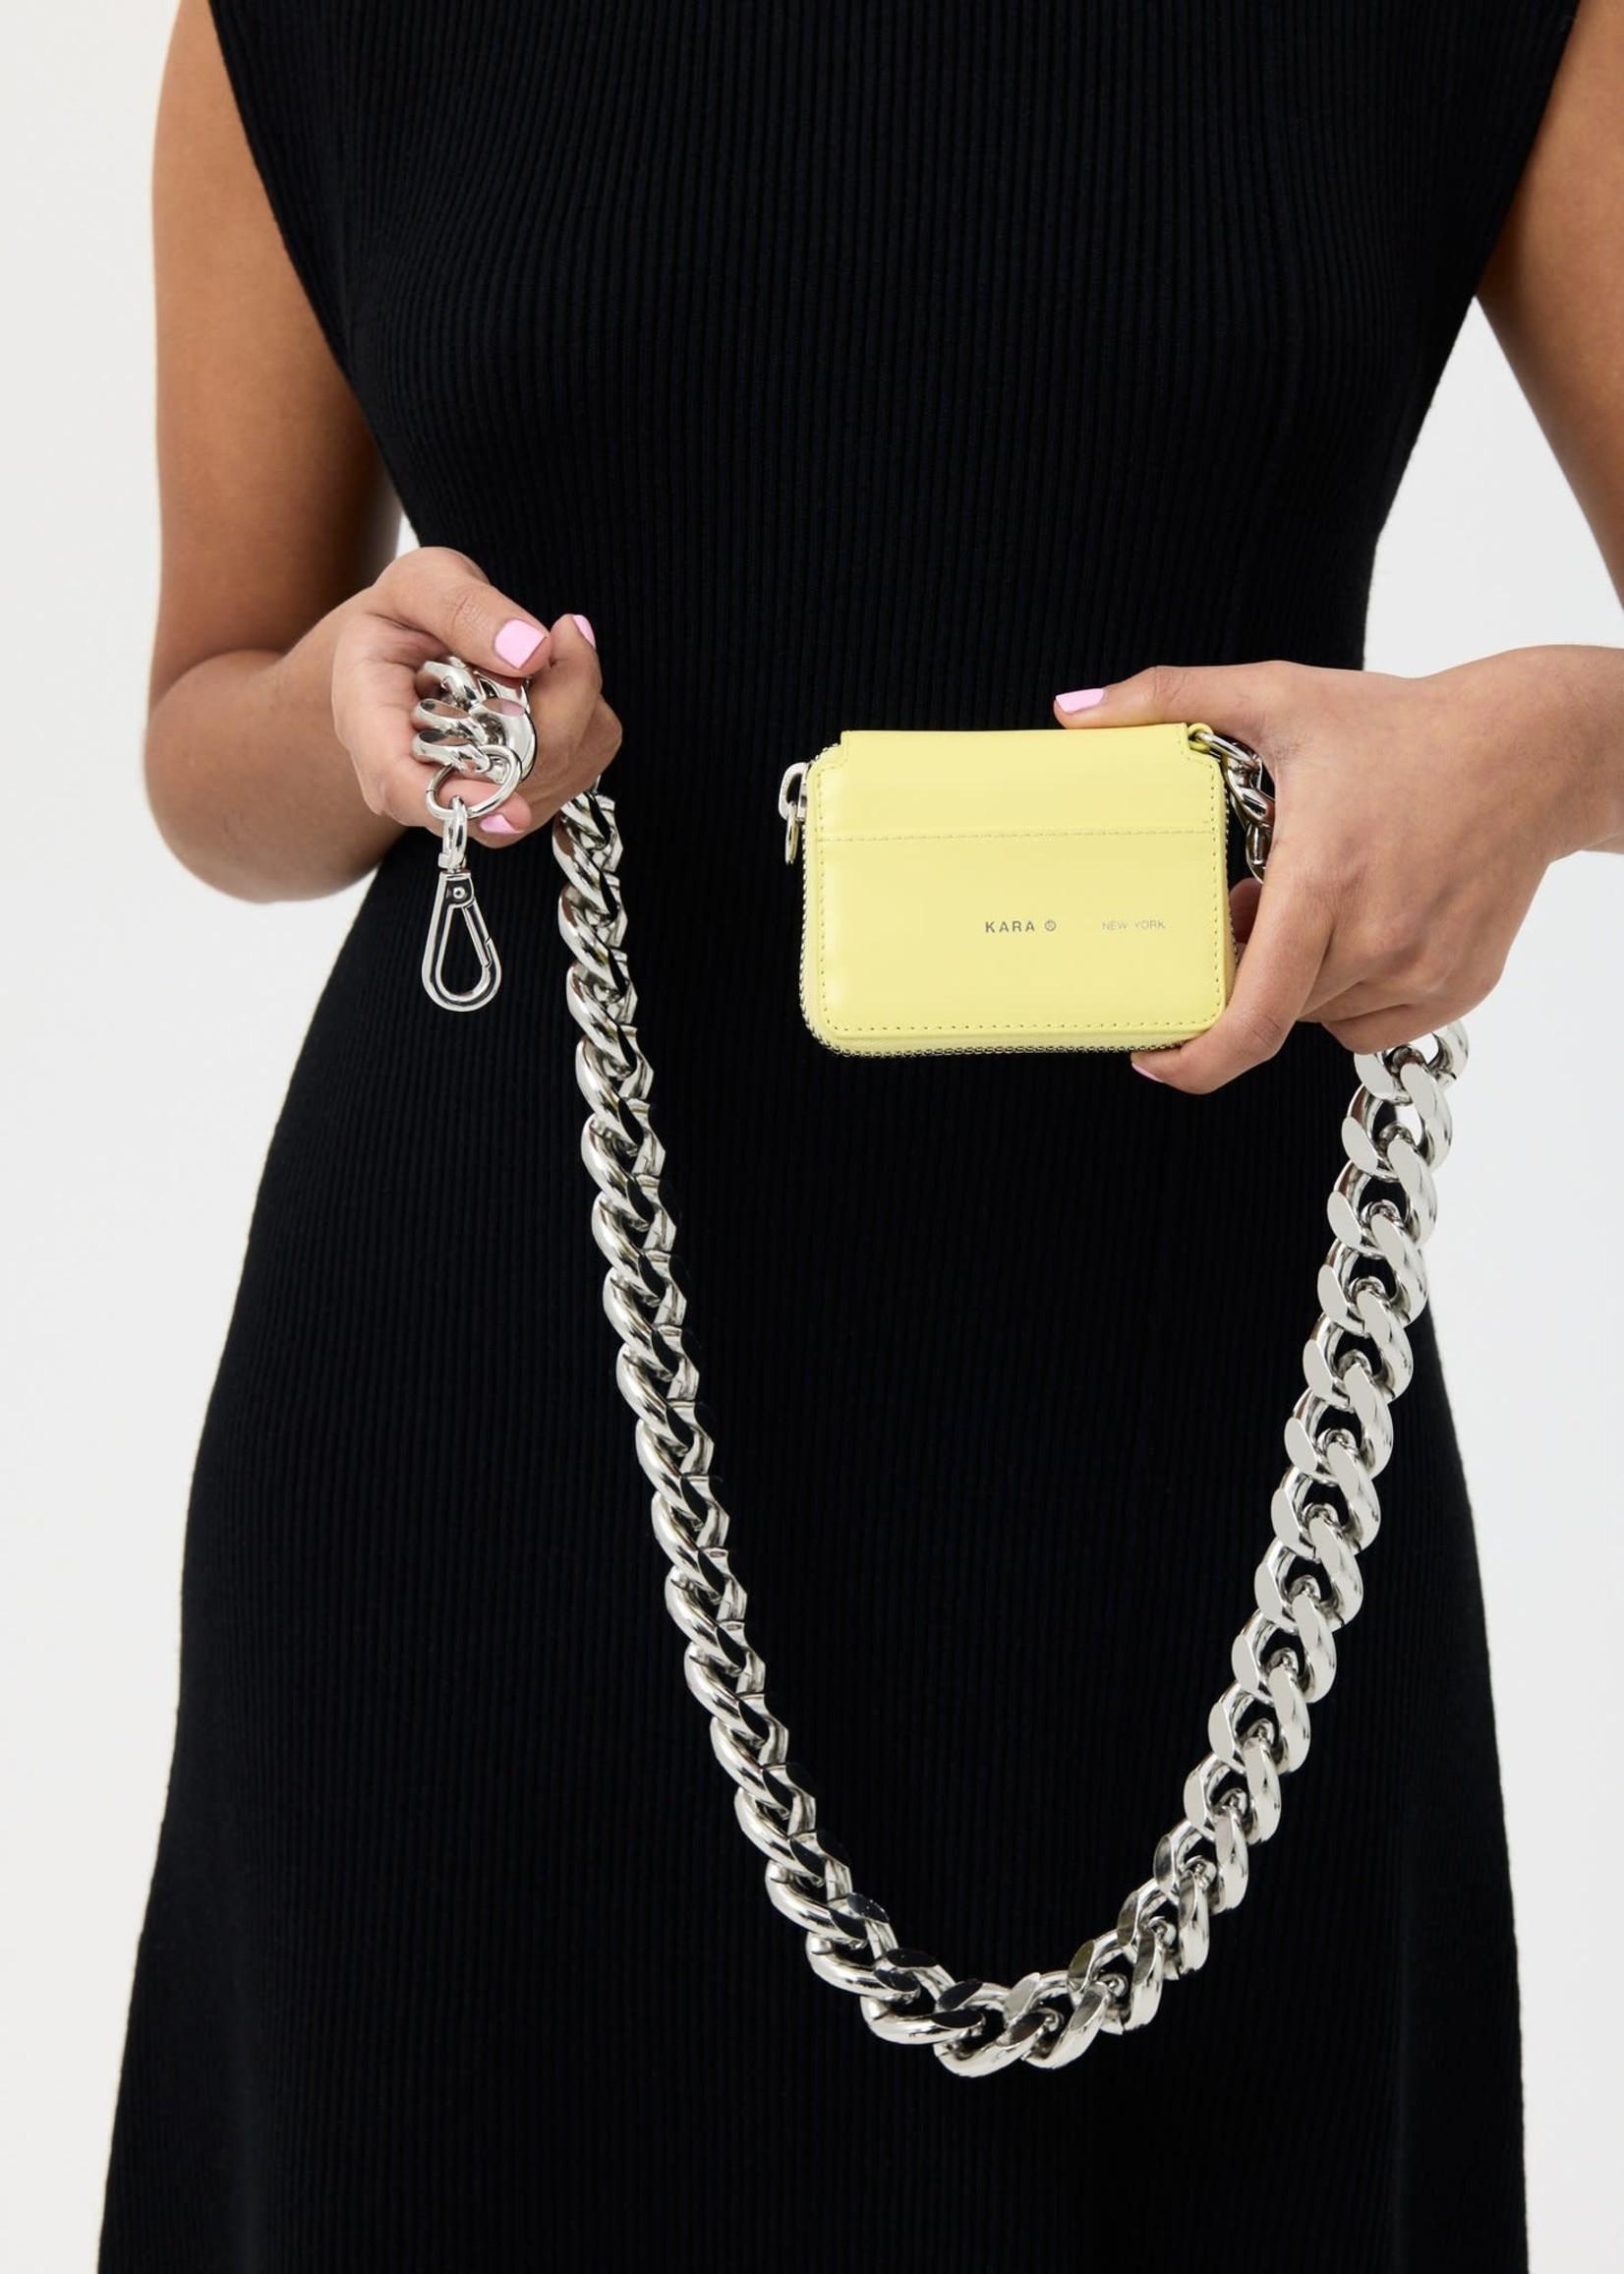 KARA Bike Chain Wallet in Butter